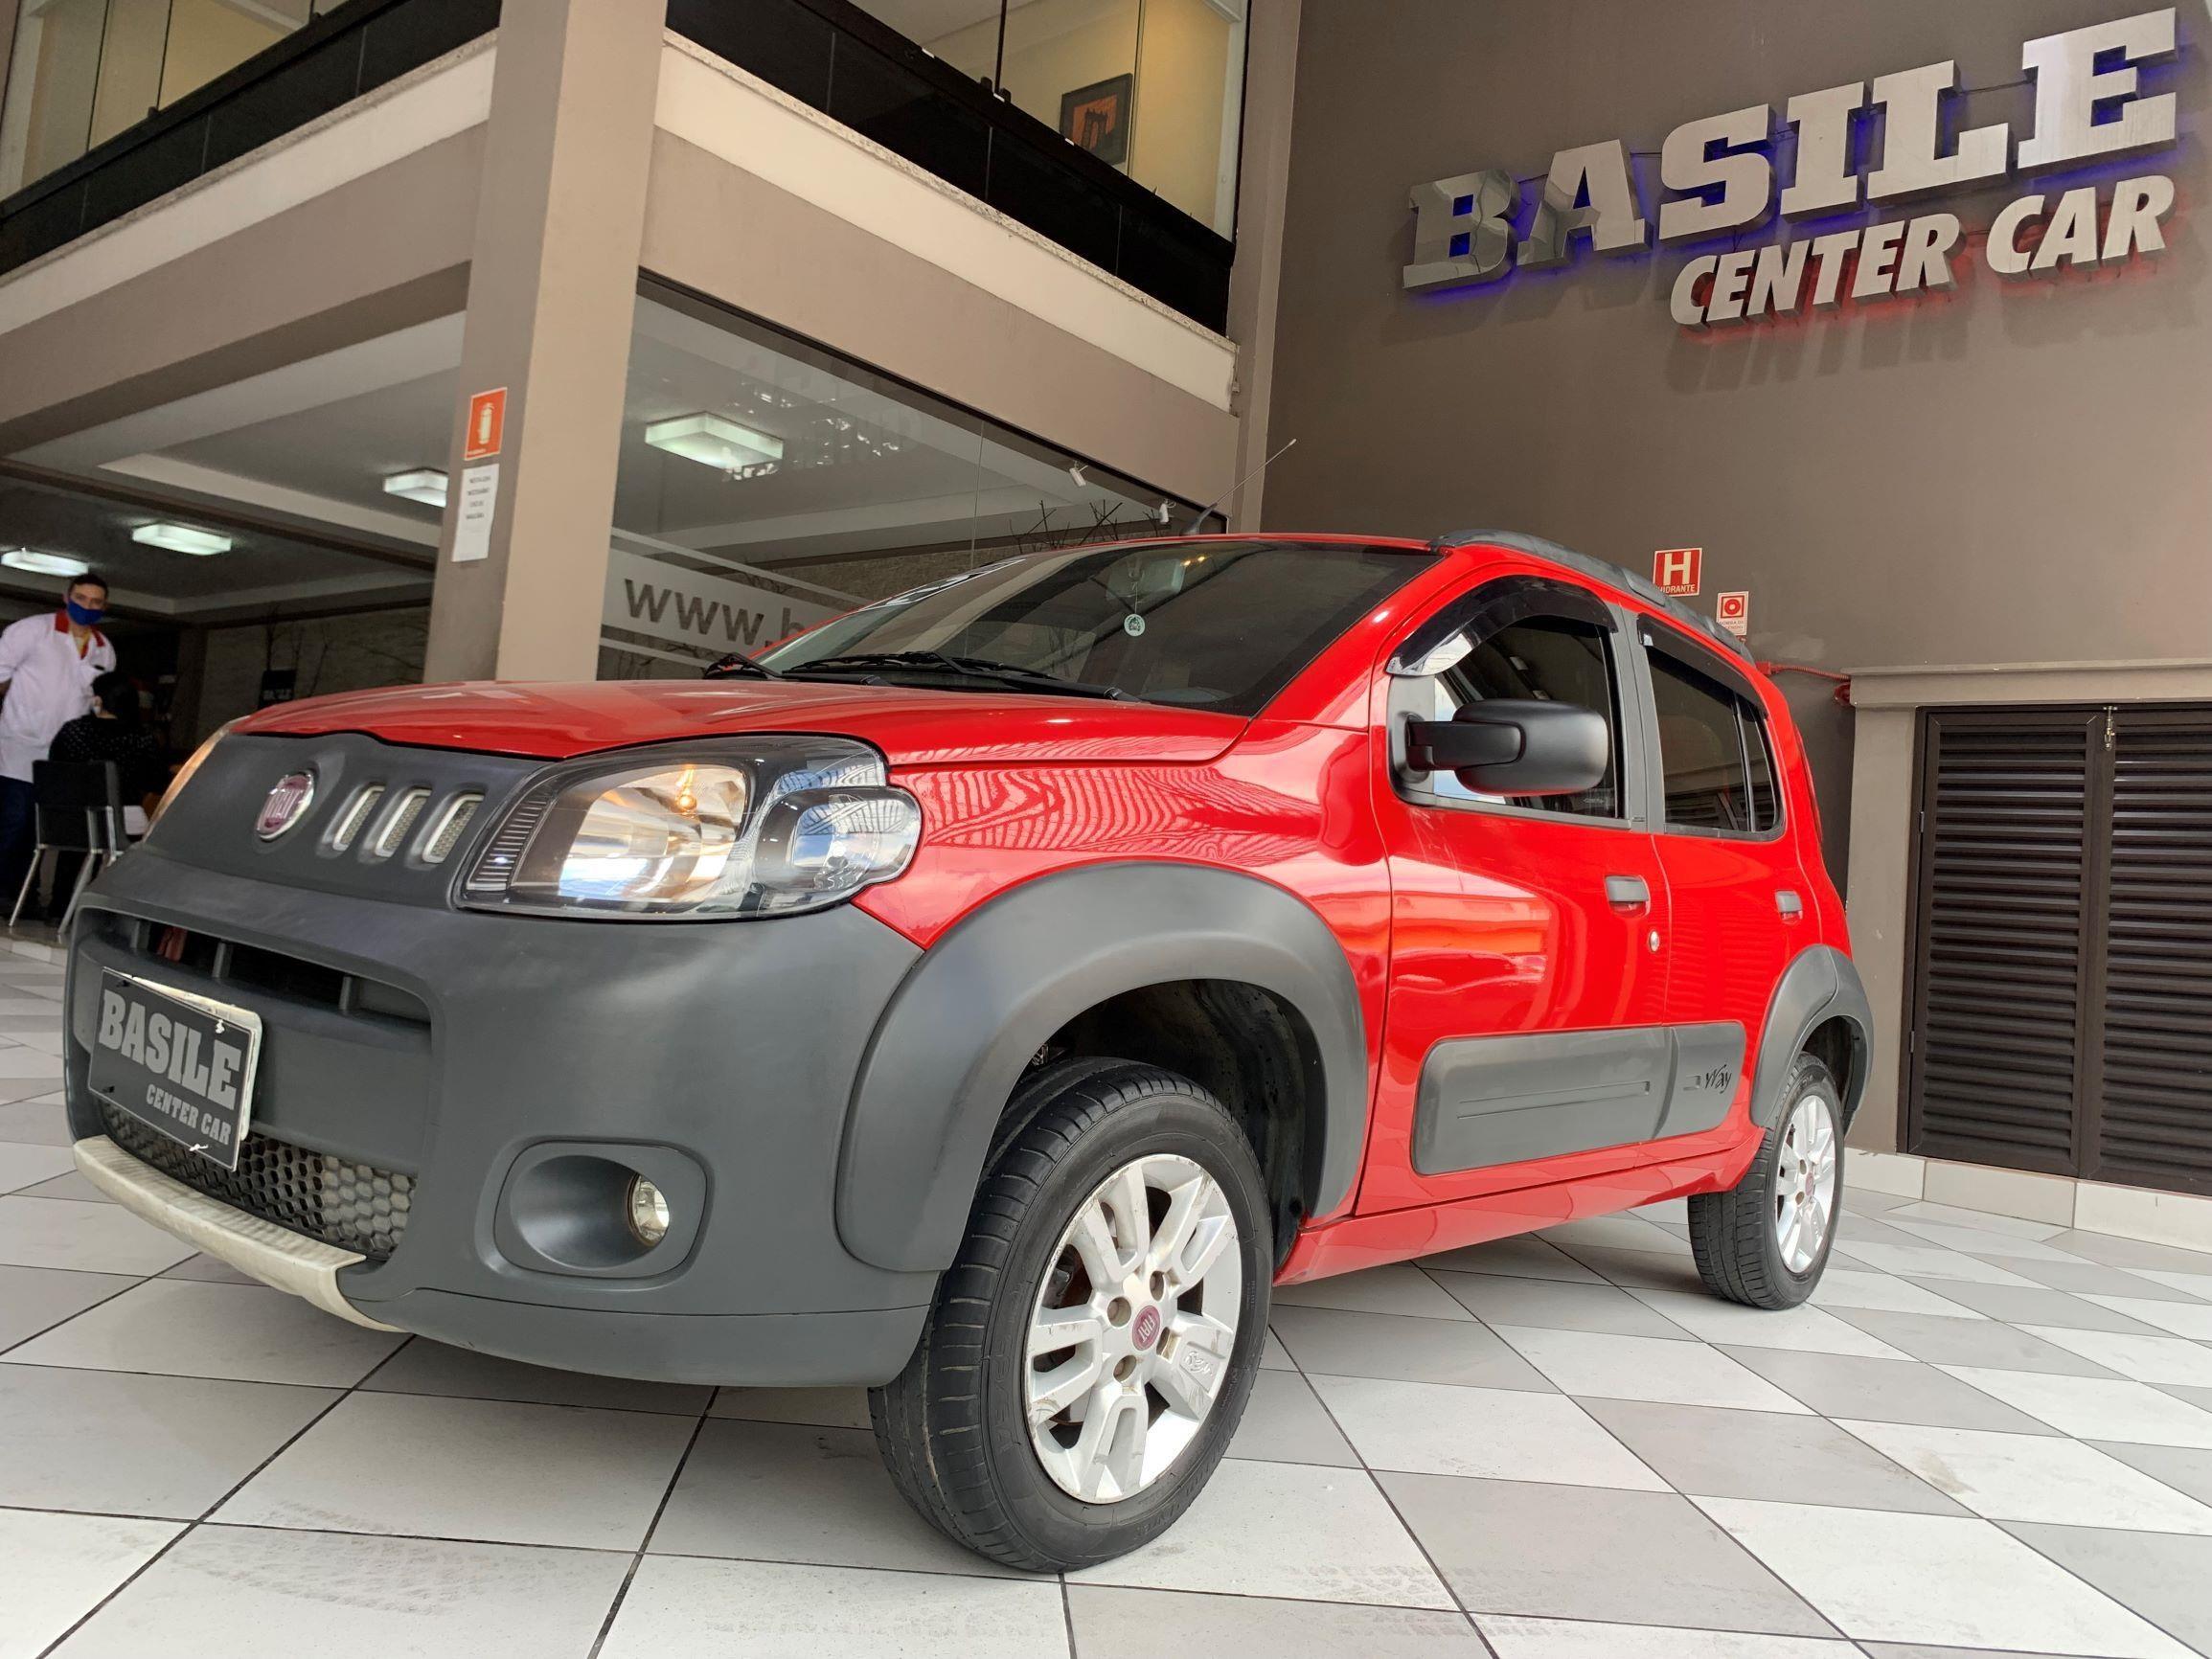 //www.autoline.com.br/carro/fiat/uno-10-way-8v-flex-4p-manual/2012/sao-paulo-sp/14933771